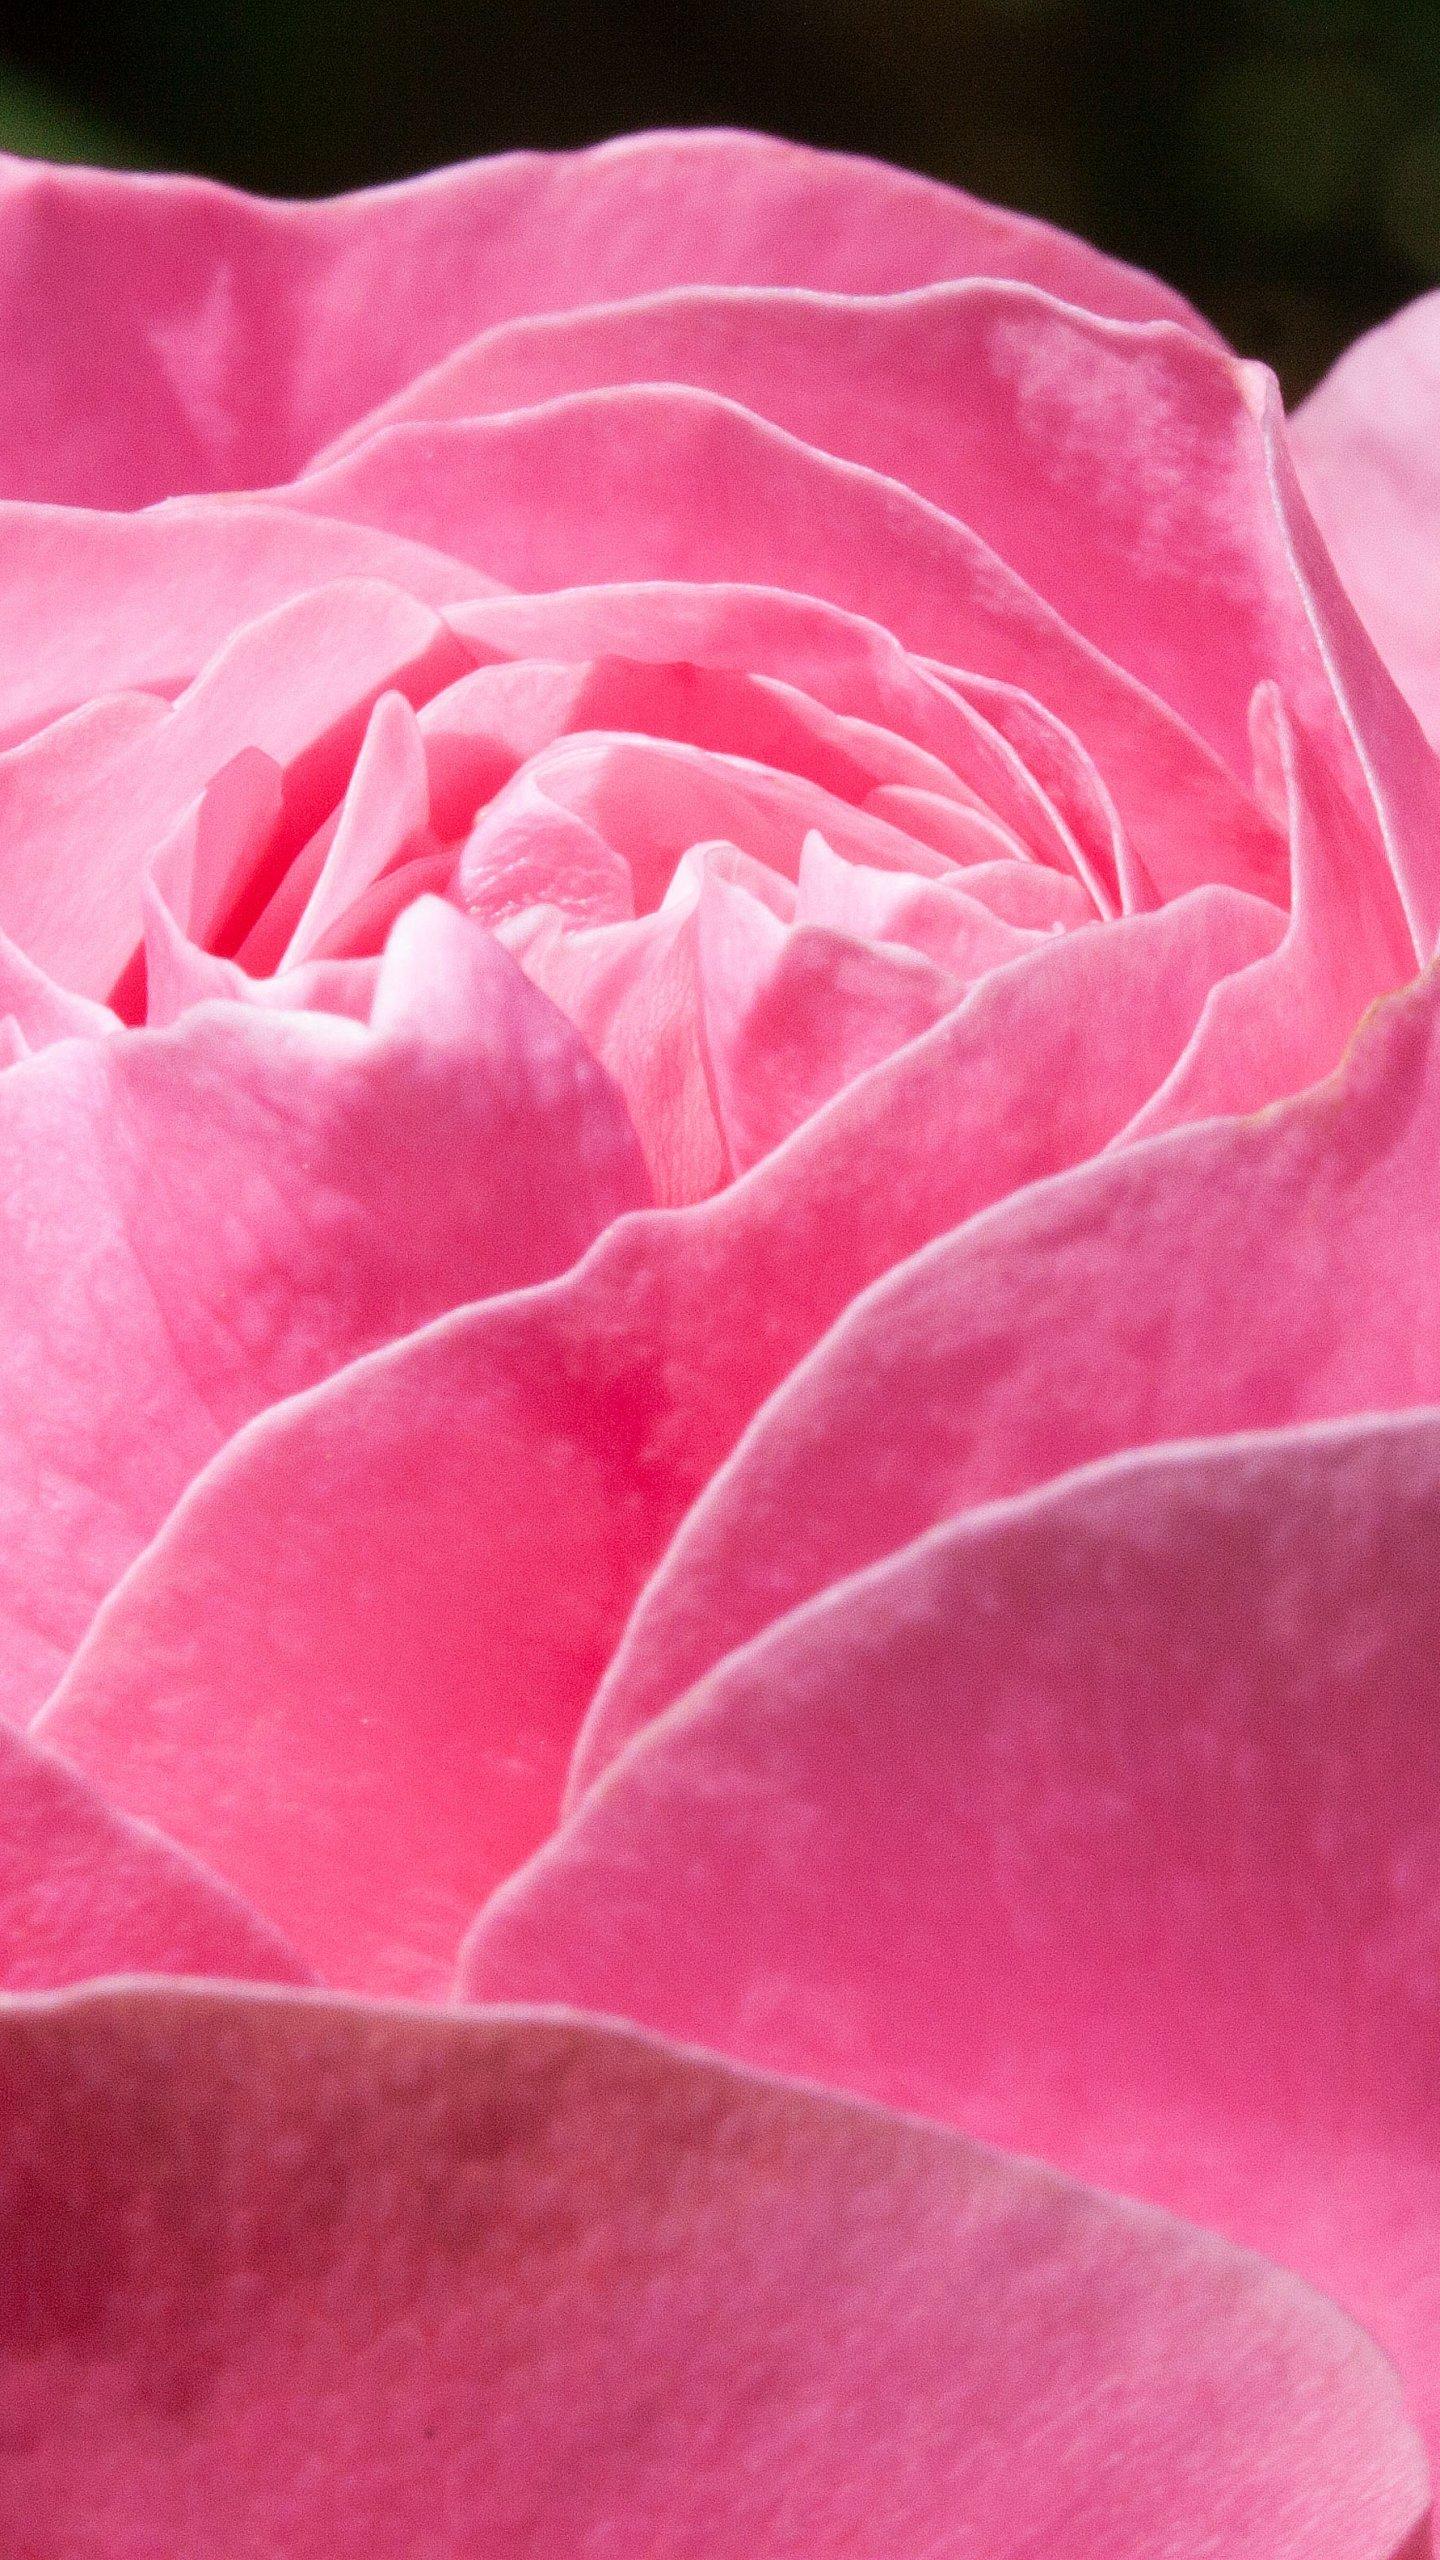 Pink Rose Wallpaper Mobile Desktop Background